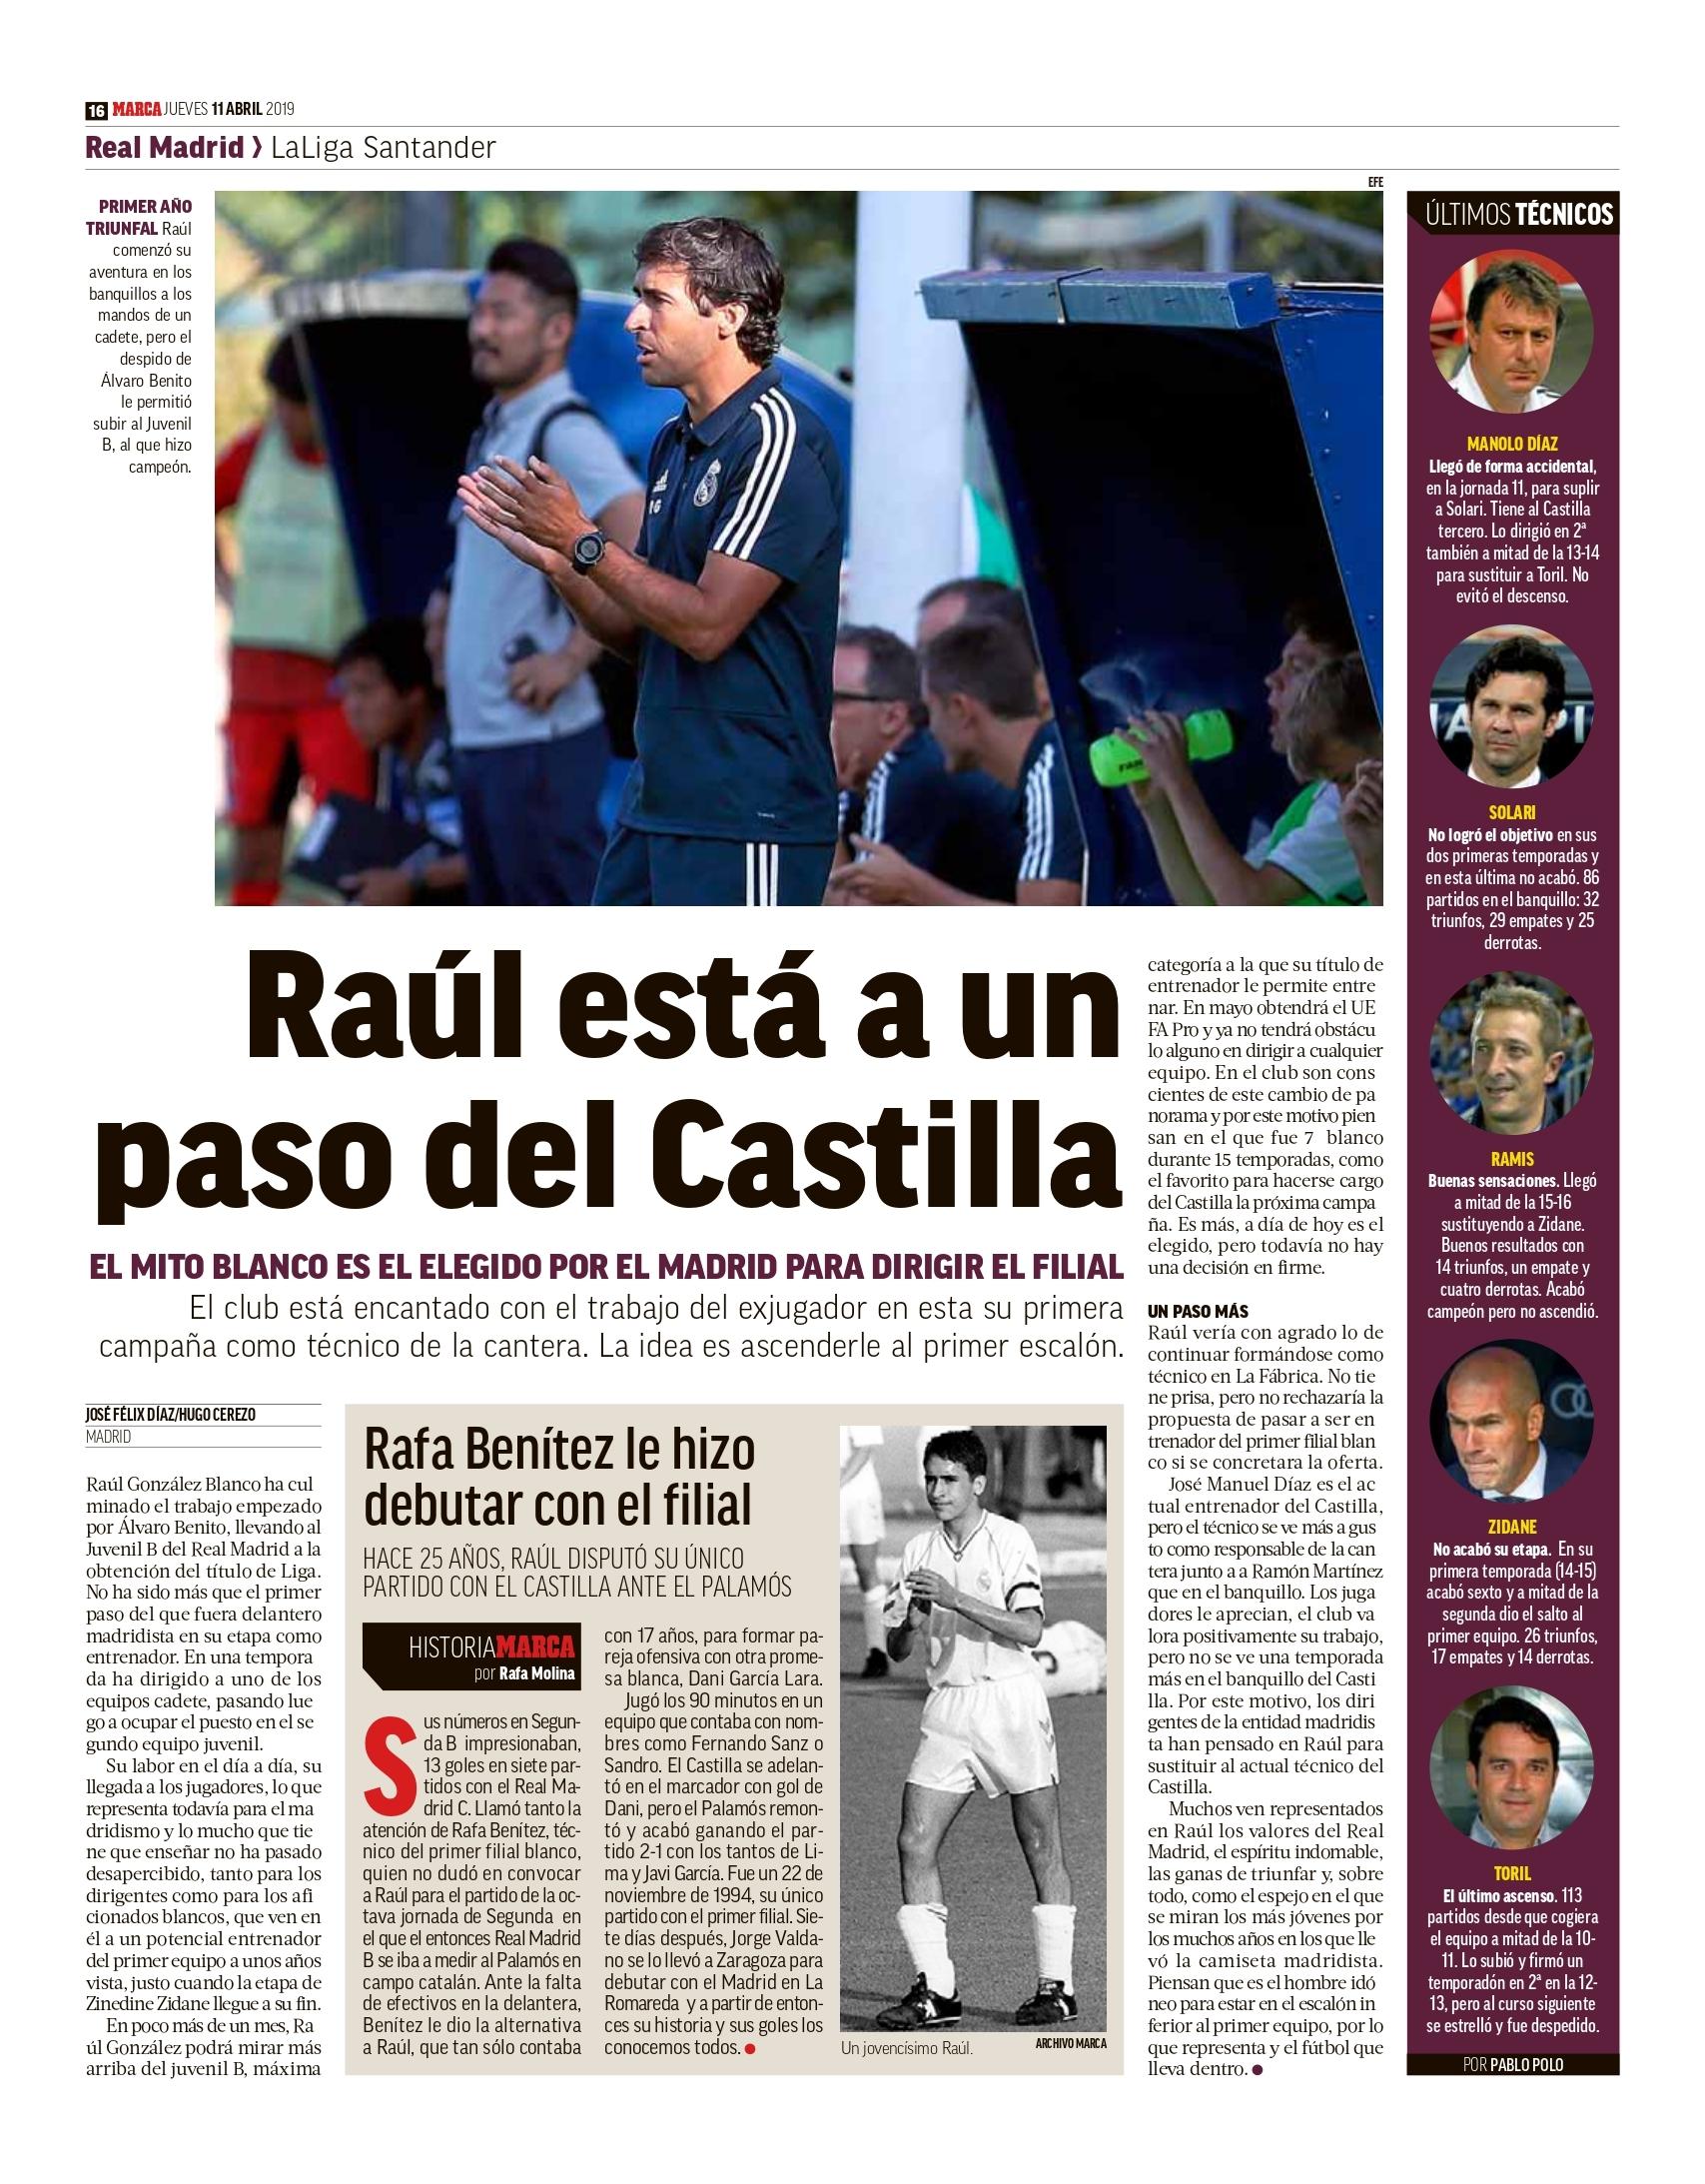 Raúl entrenará al Castilla la próxima temporada — Oficial